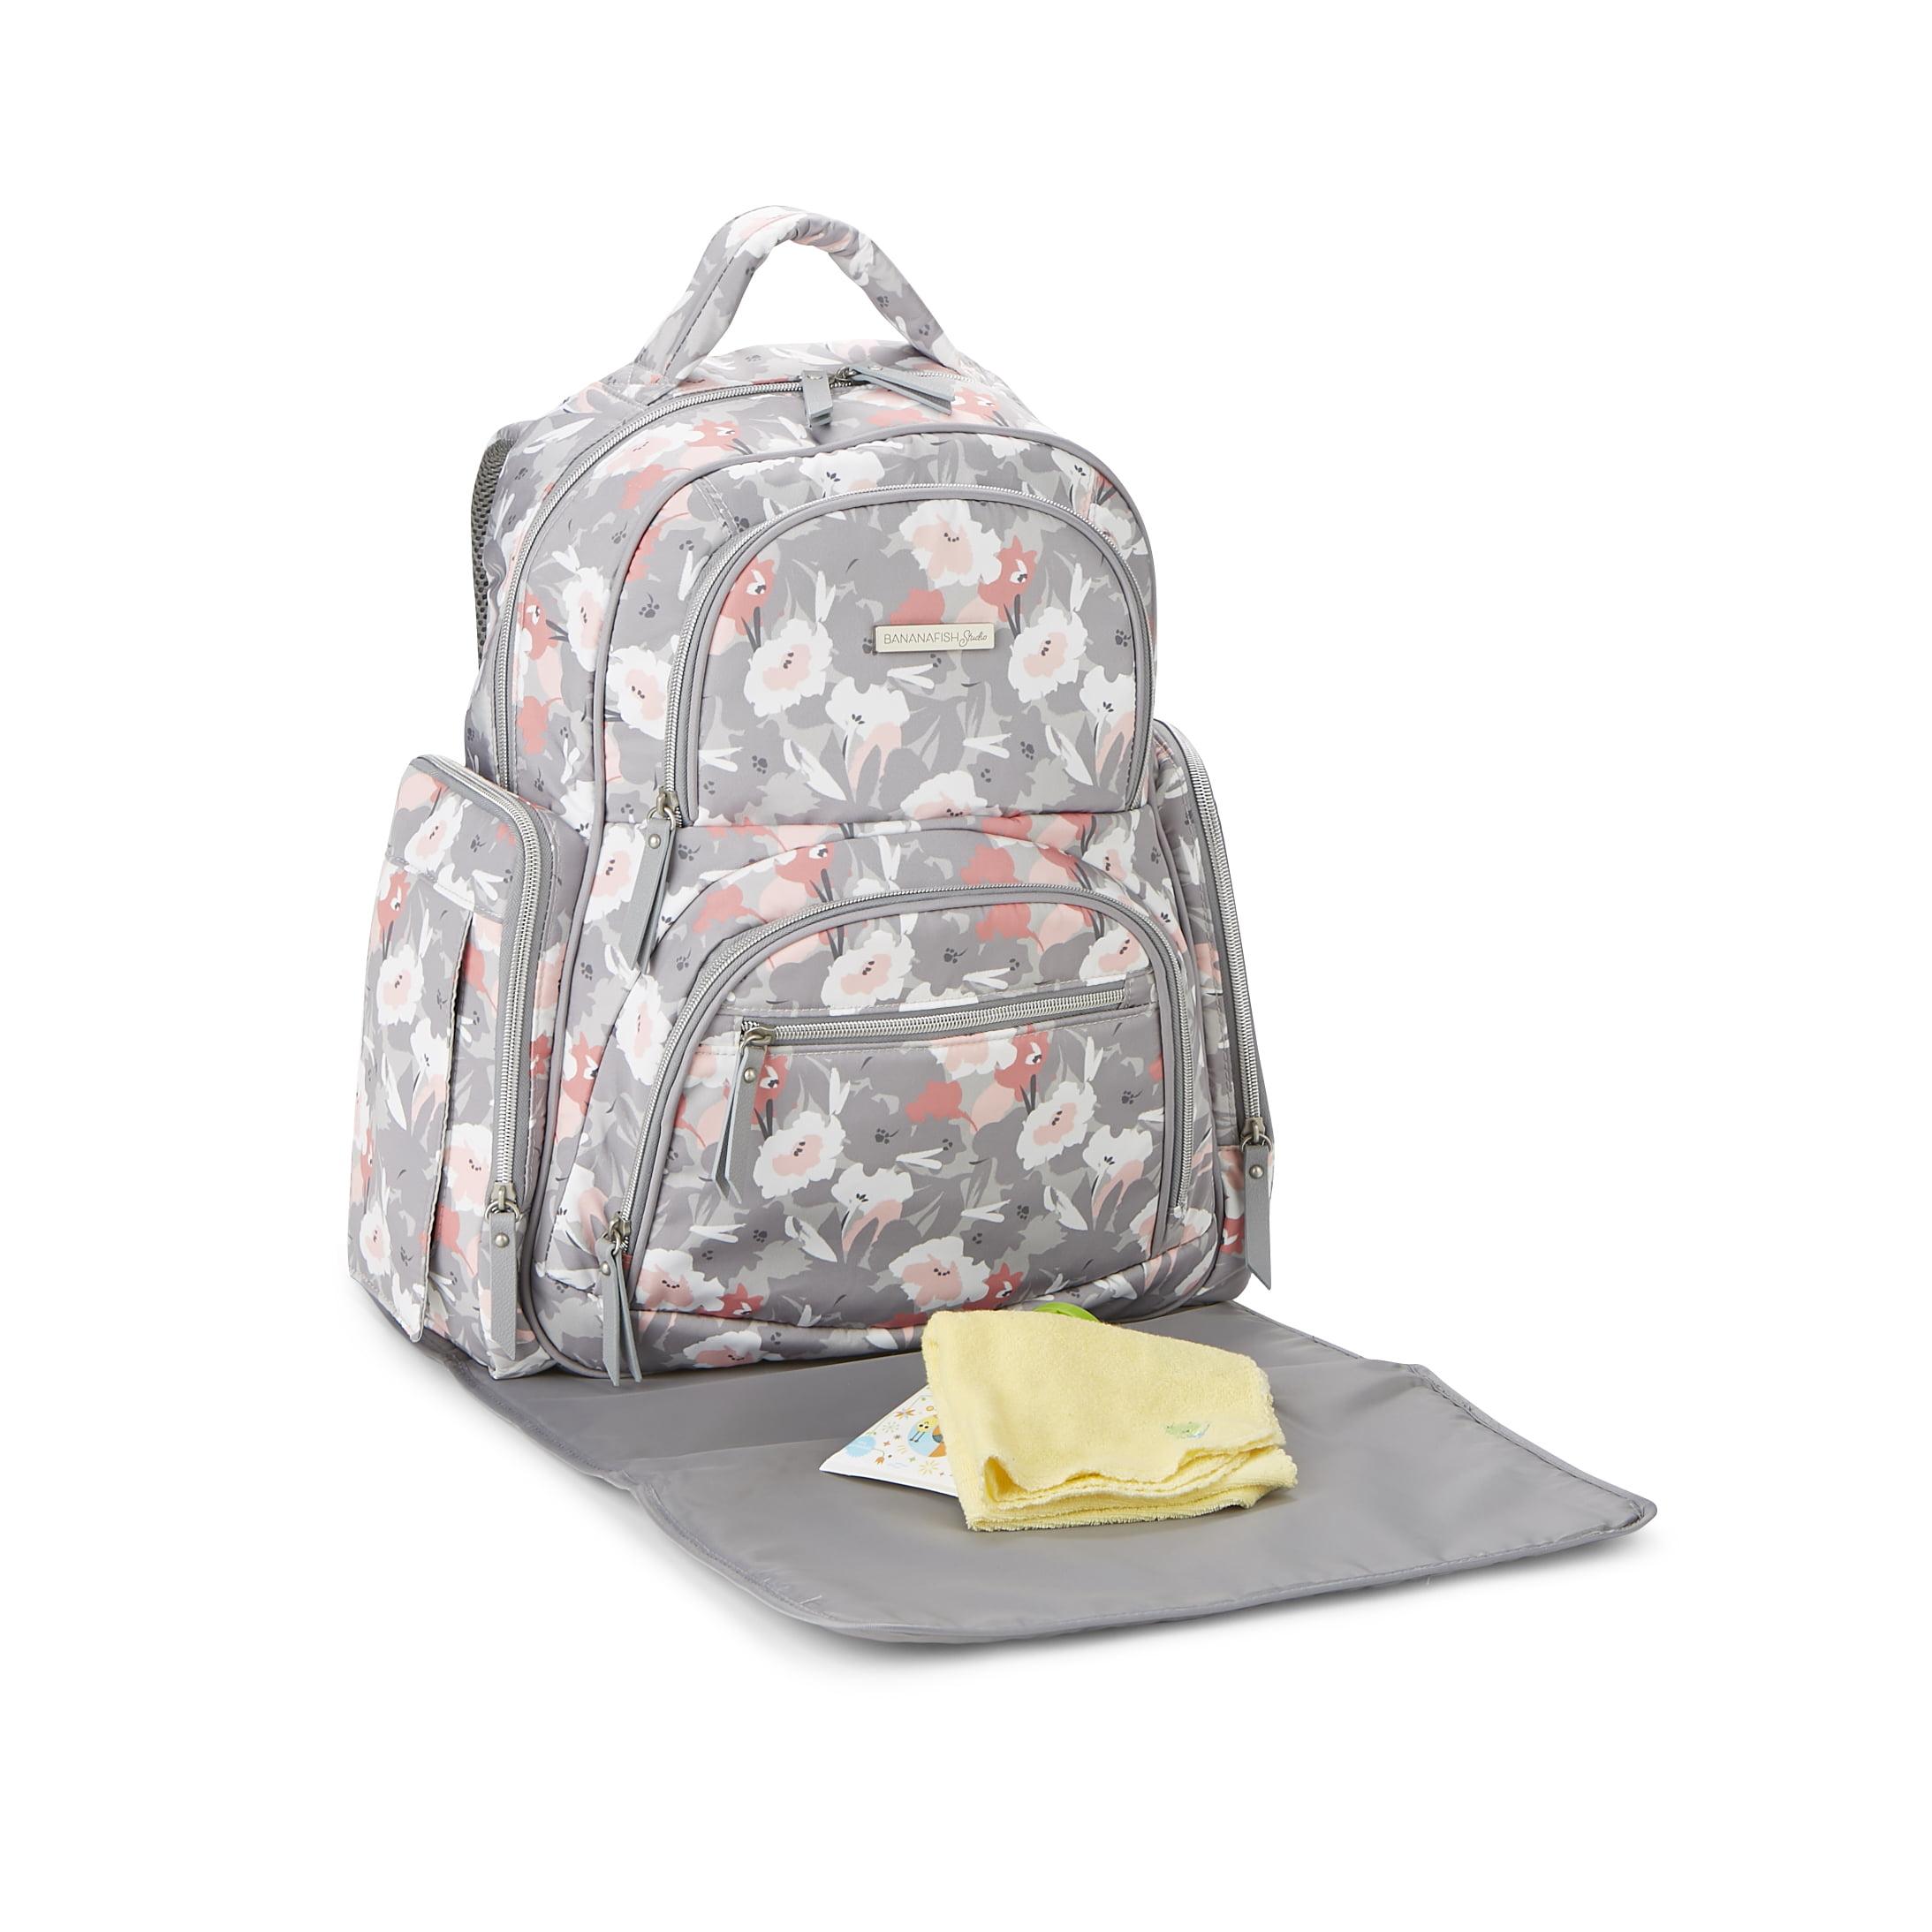 GymSack Drawstring Bag Sackpack Attractive Eagle Sport Cinch Pack Simple Bundle Pocke Backpack For Men Women